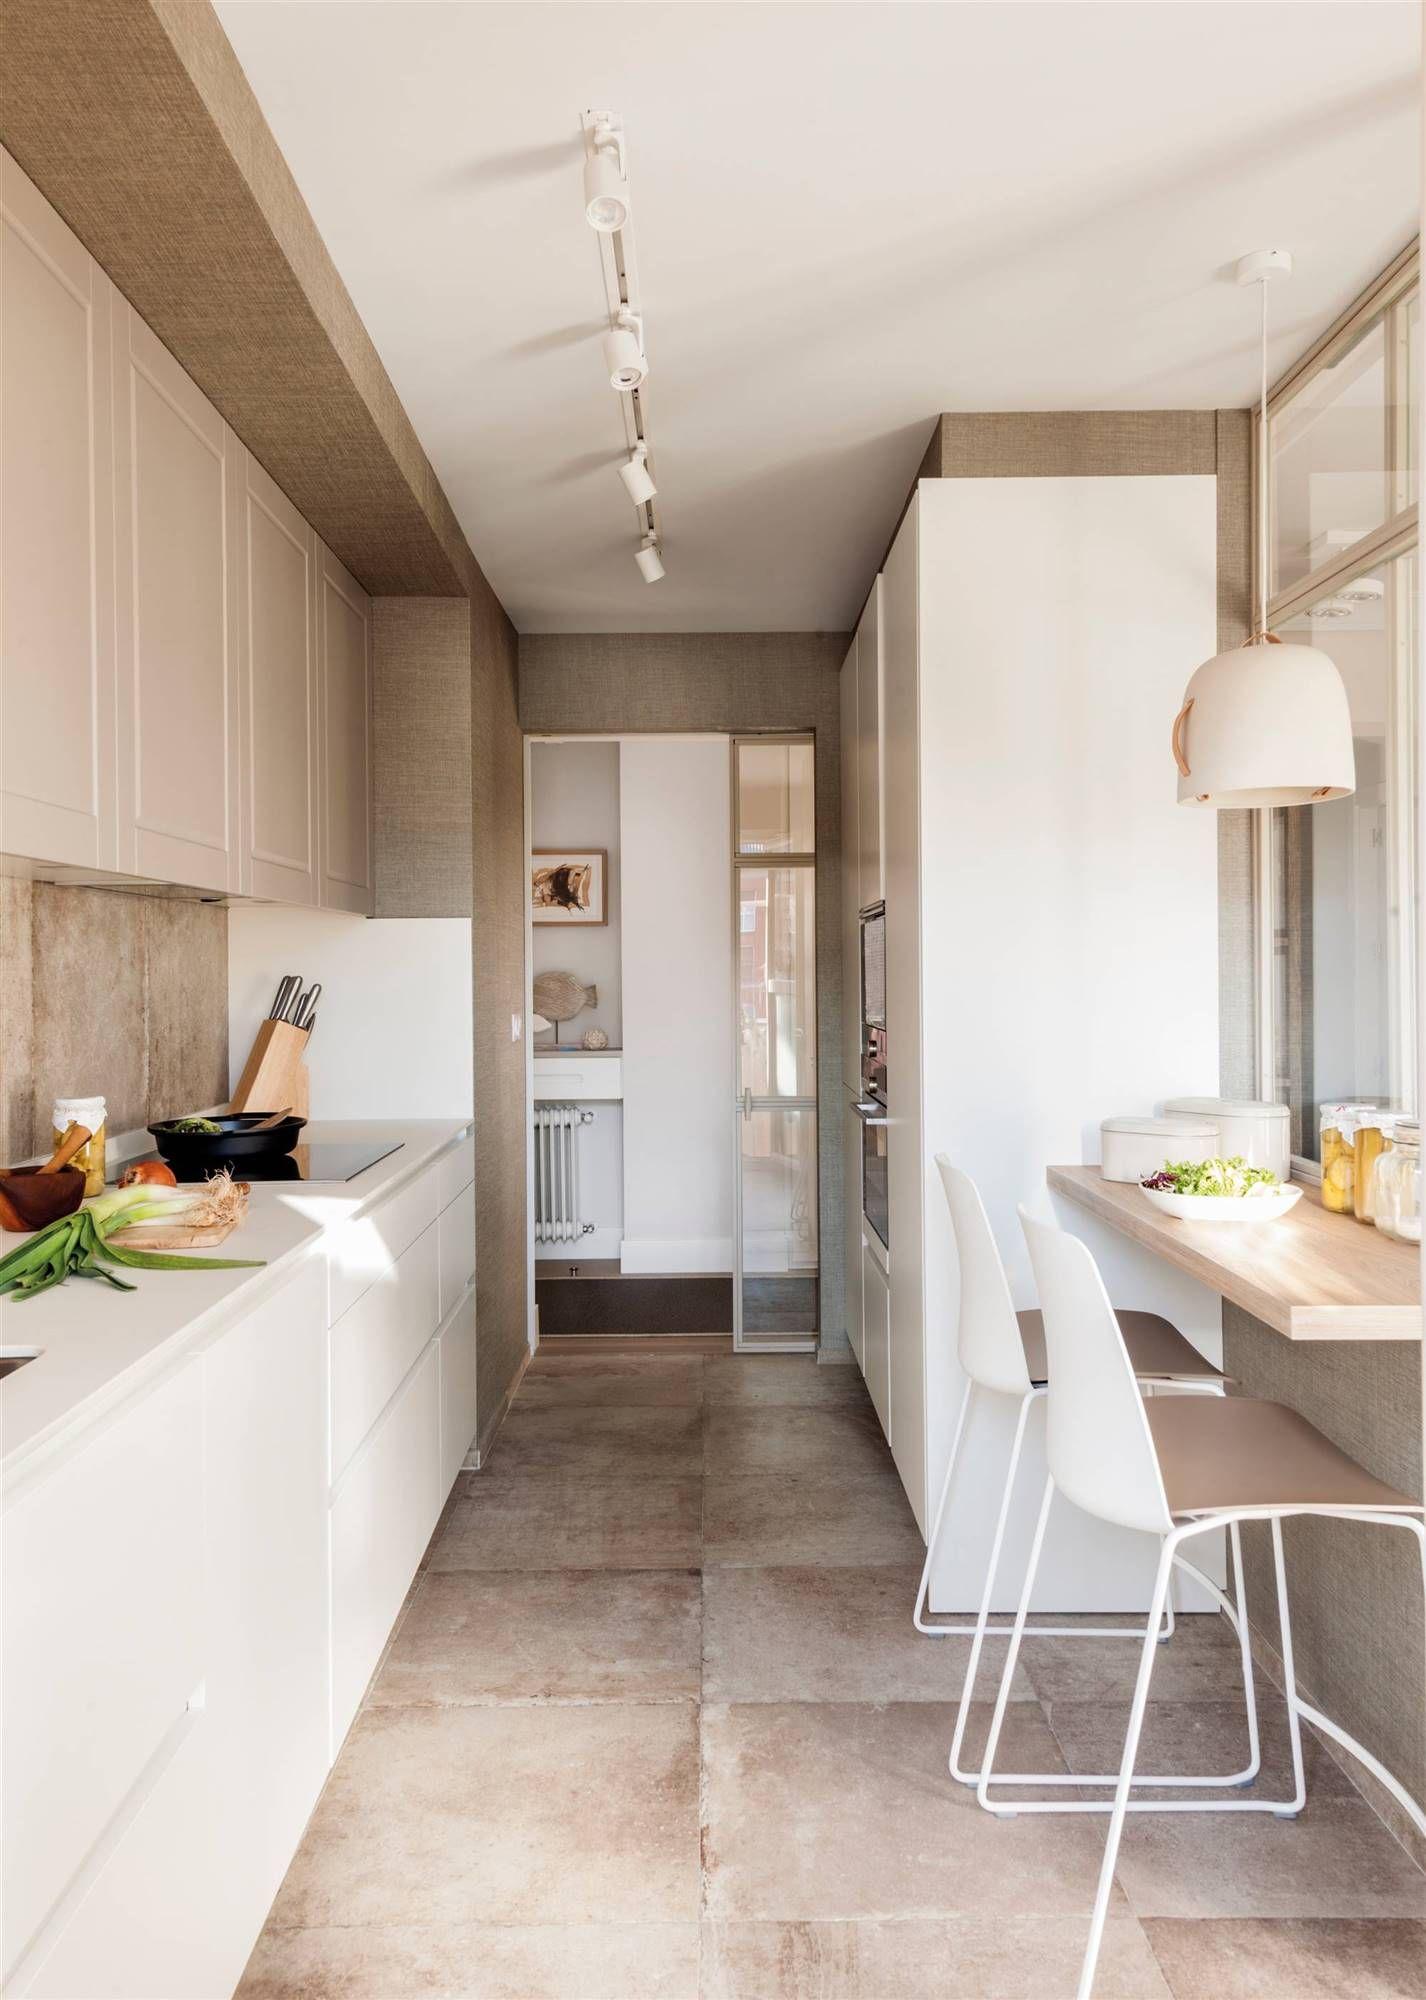 Una cocina pequeña coqueta y todoterreno  Cuisine de petit